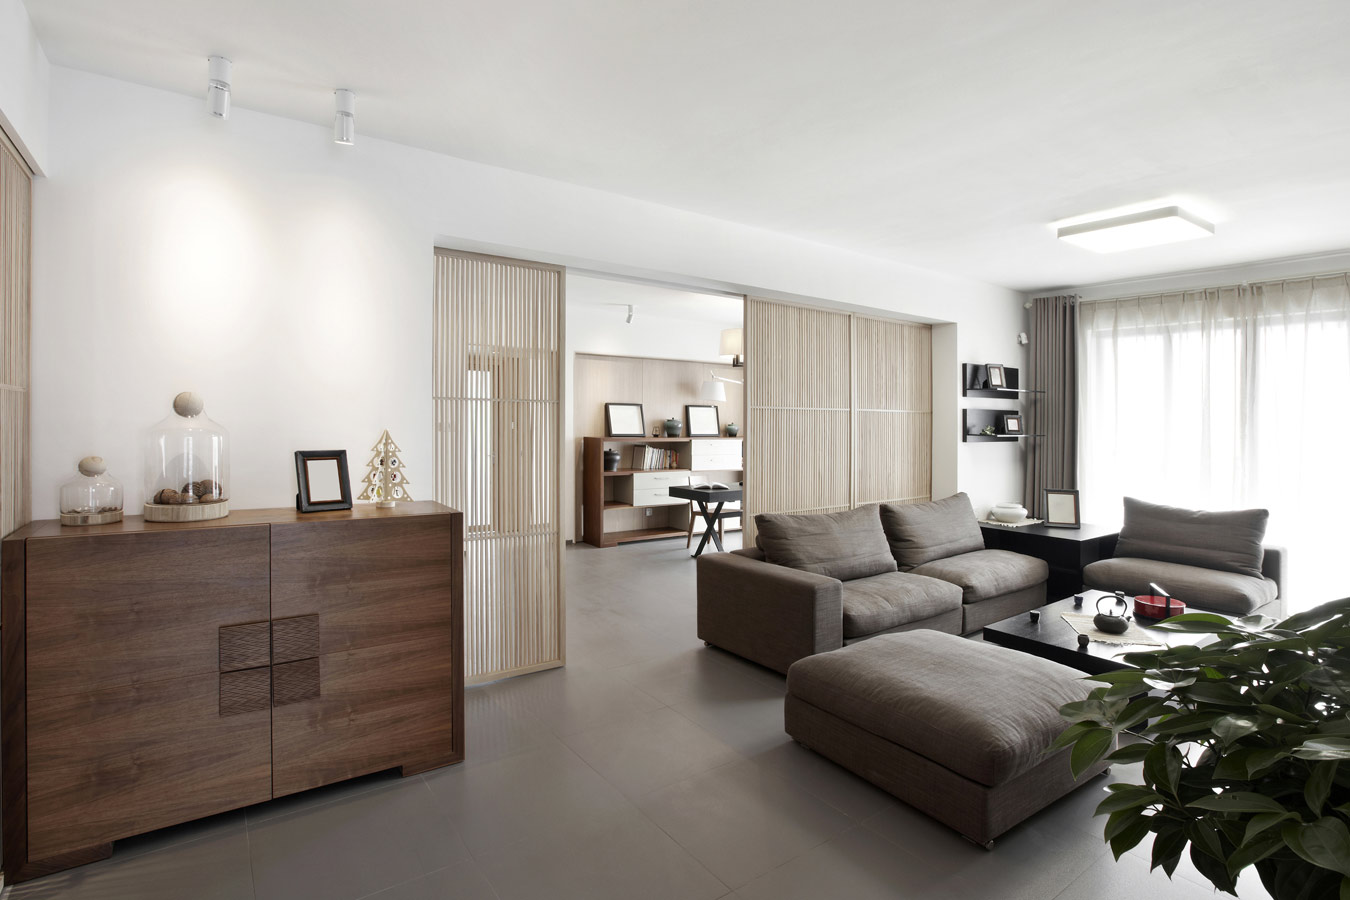 Tegels In Woonkamer : Uitgelicht betonlook tegels voor de woonkamer tegelextra